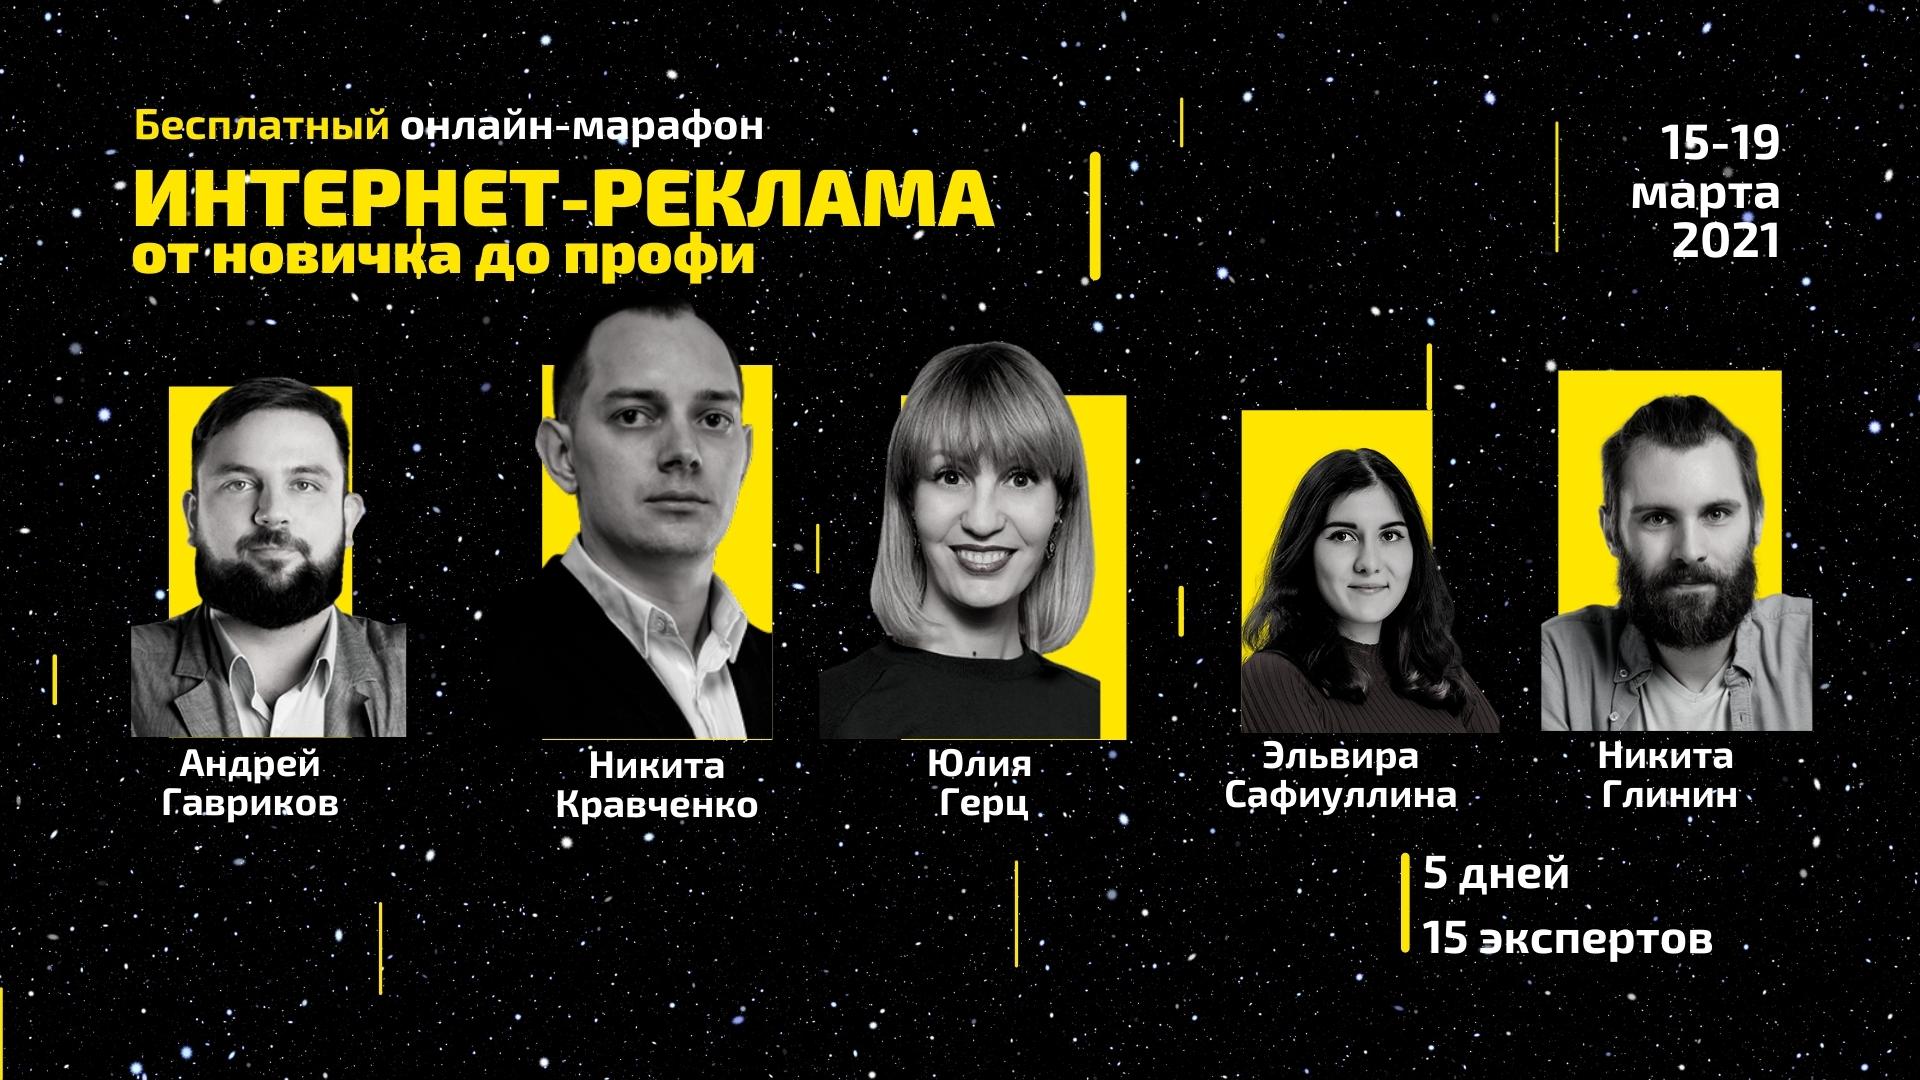 Интернет-реклама от Новичка до Профи